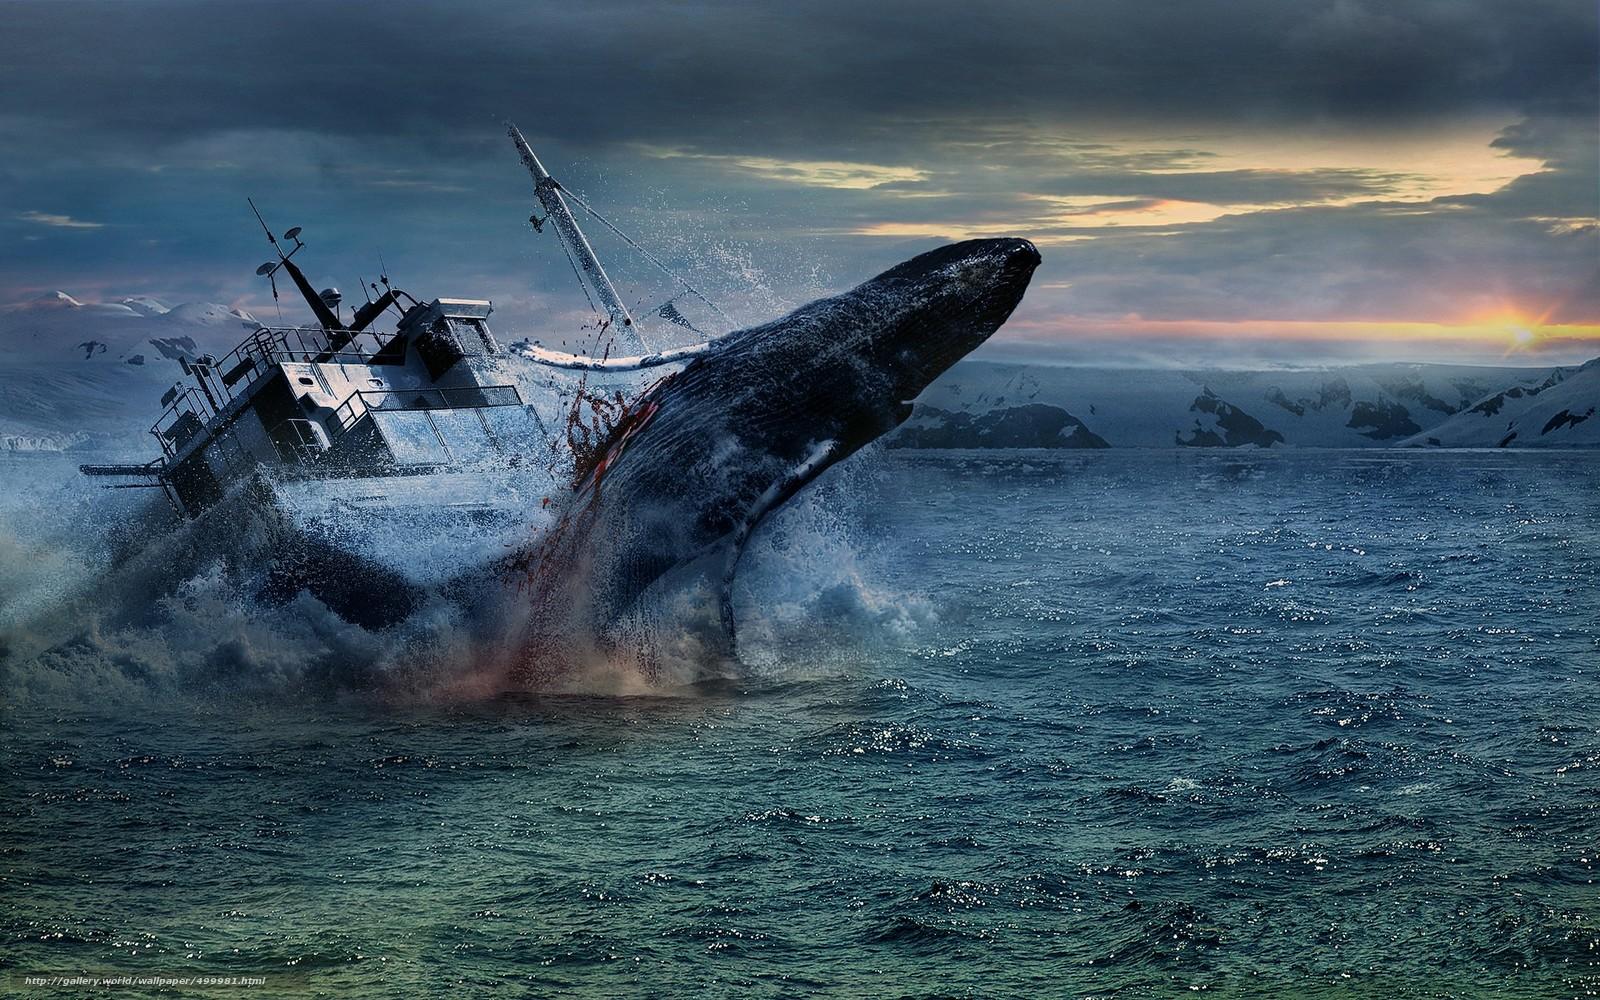 синий кит и лодка